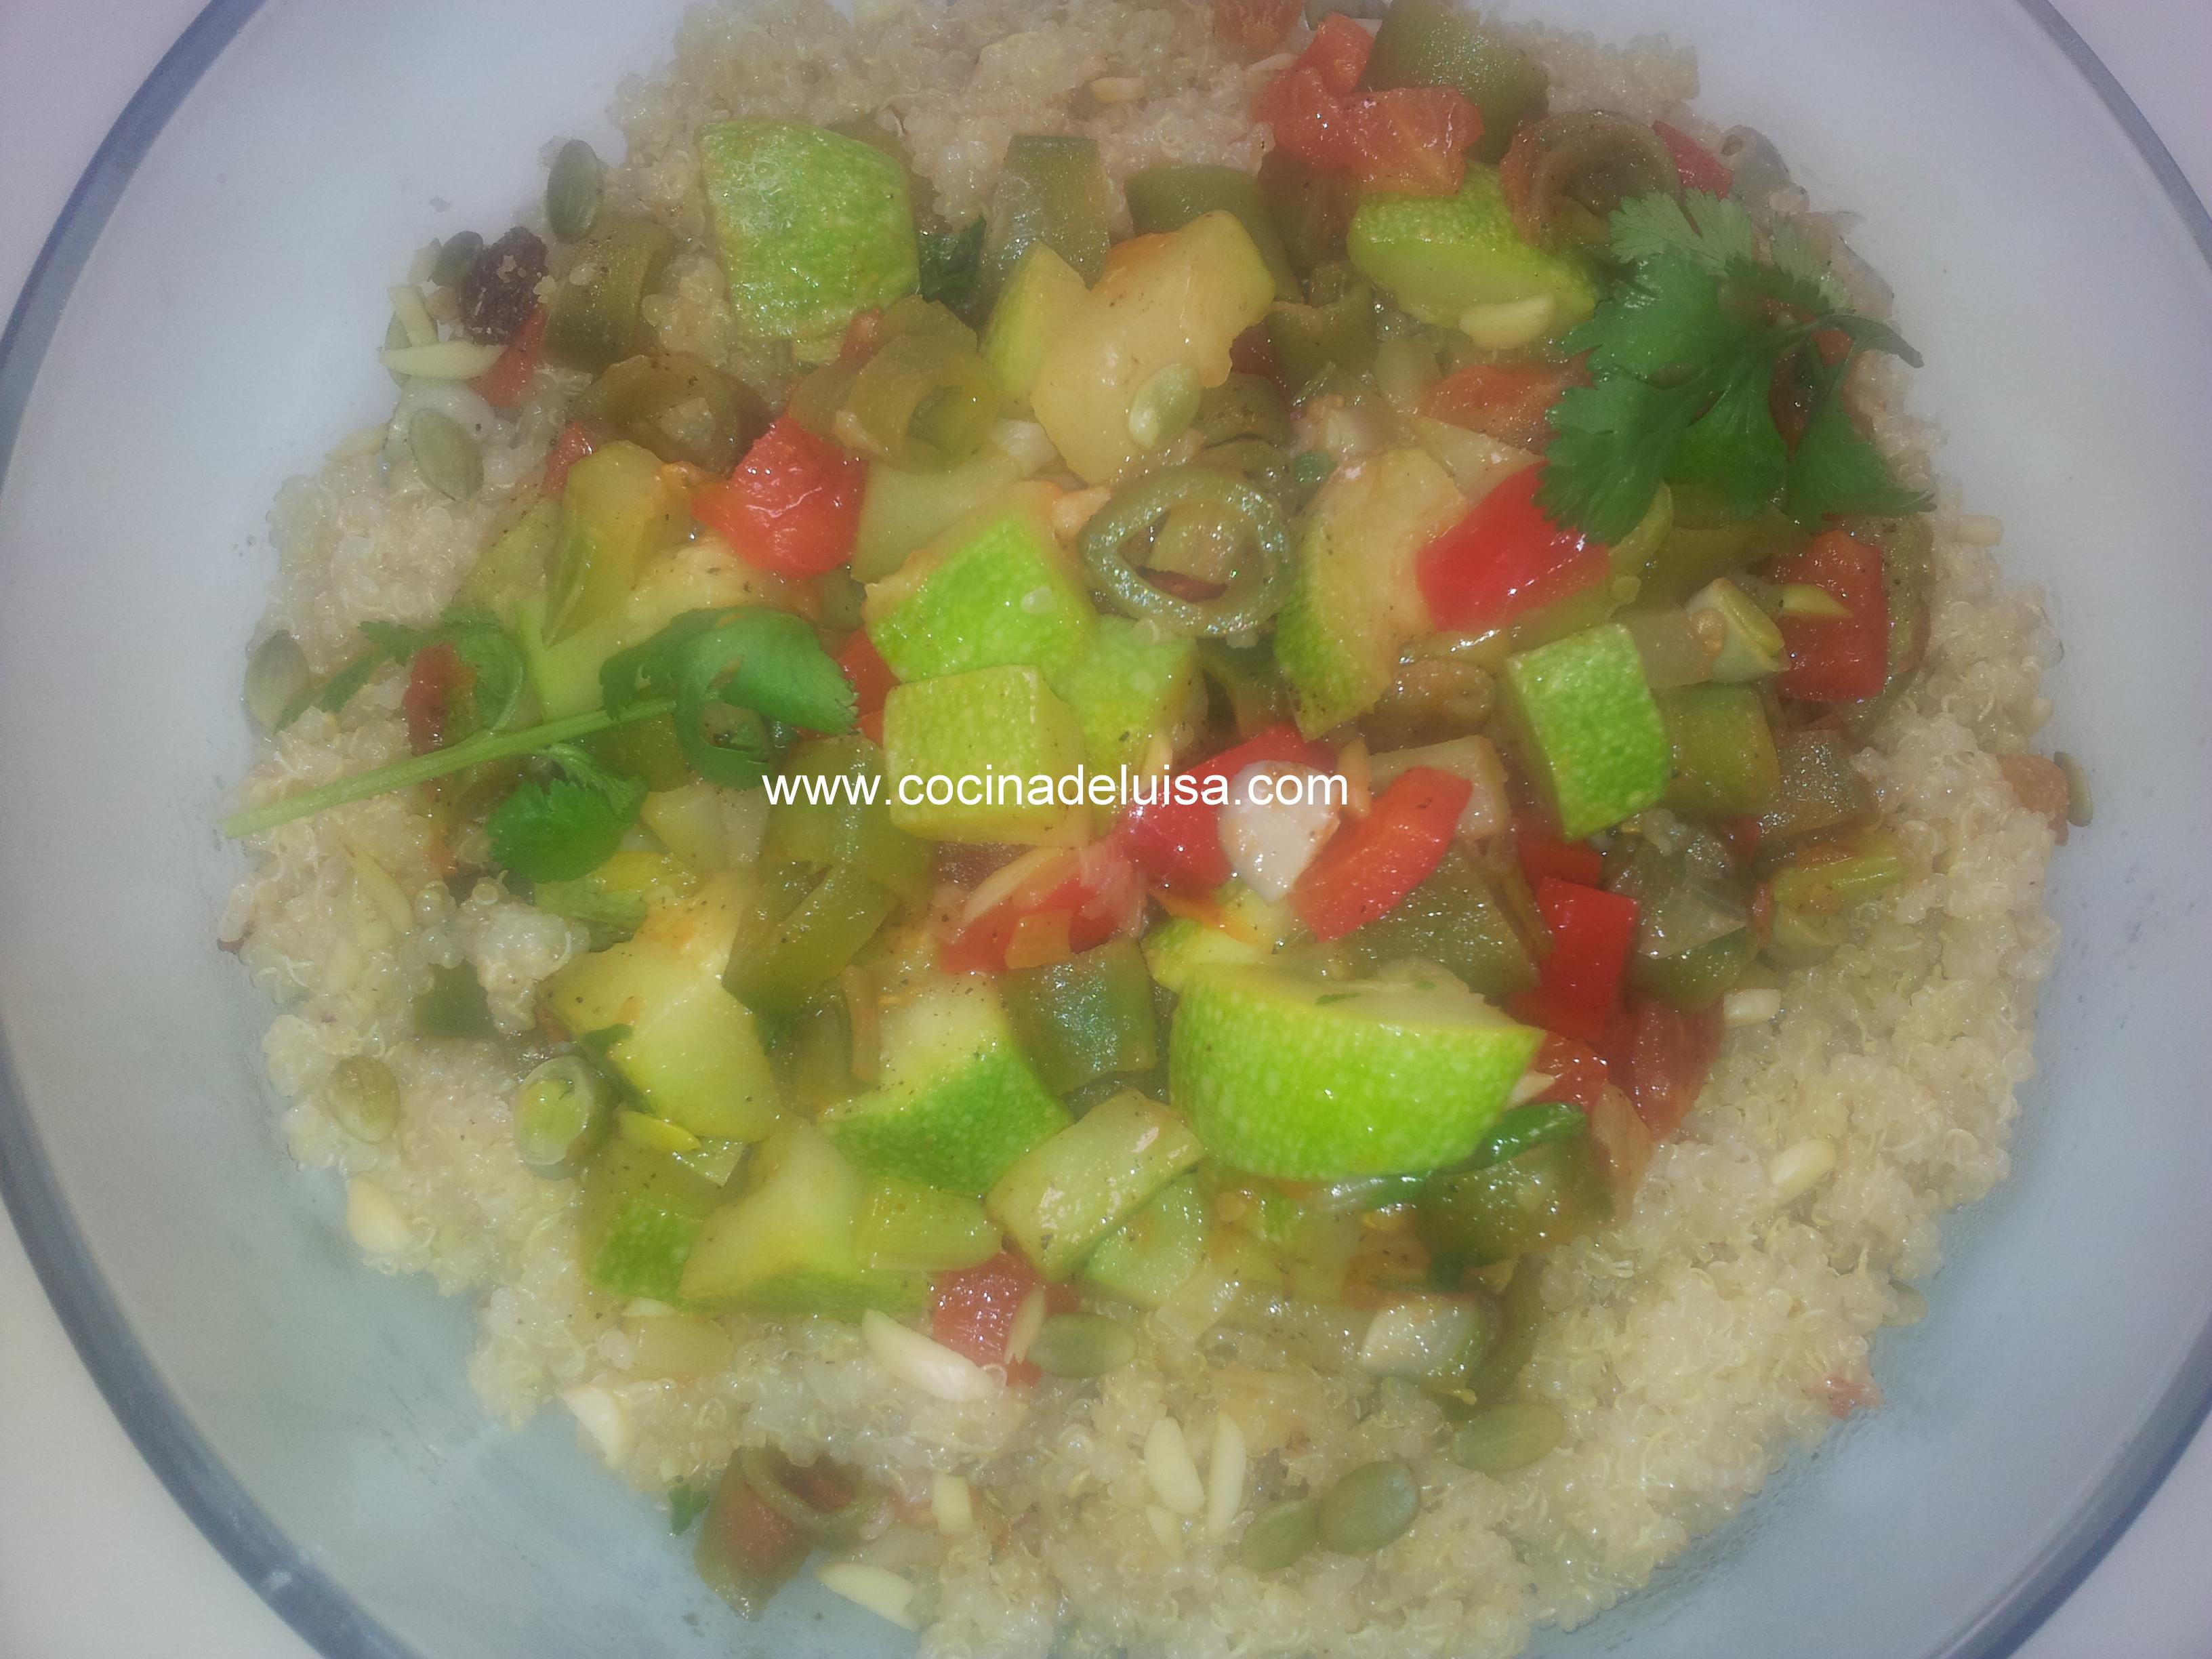 Ensalada templada de quinoa con verduras cocina de luisa for Cocina quinoa con verduras